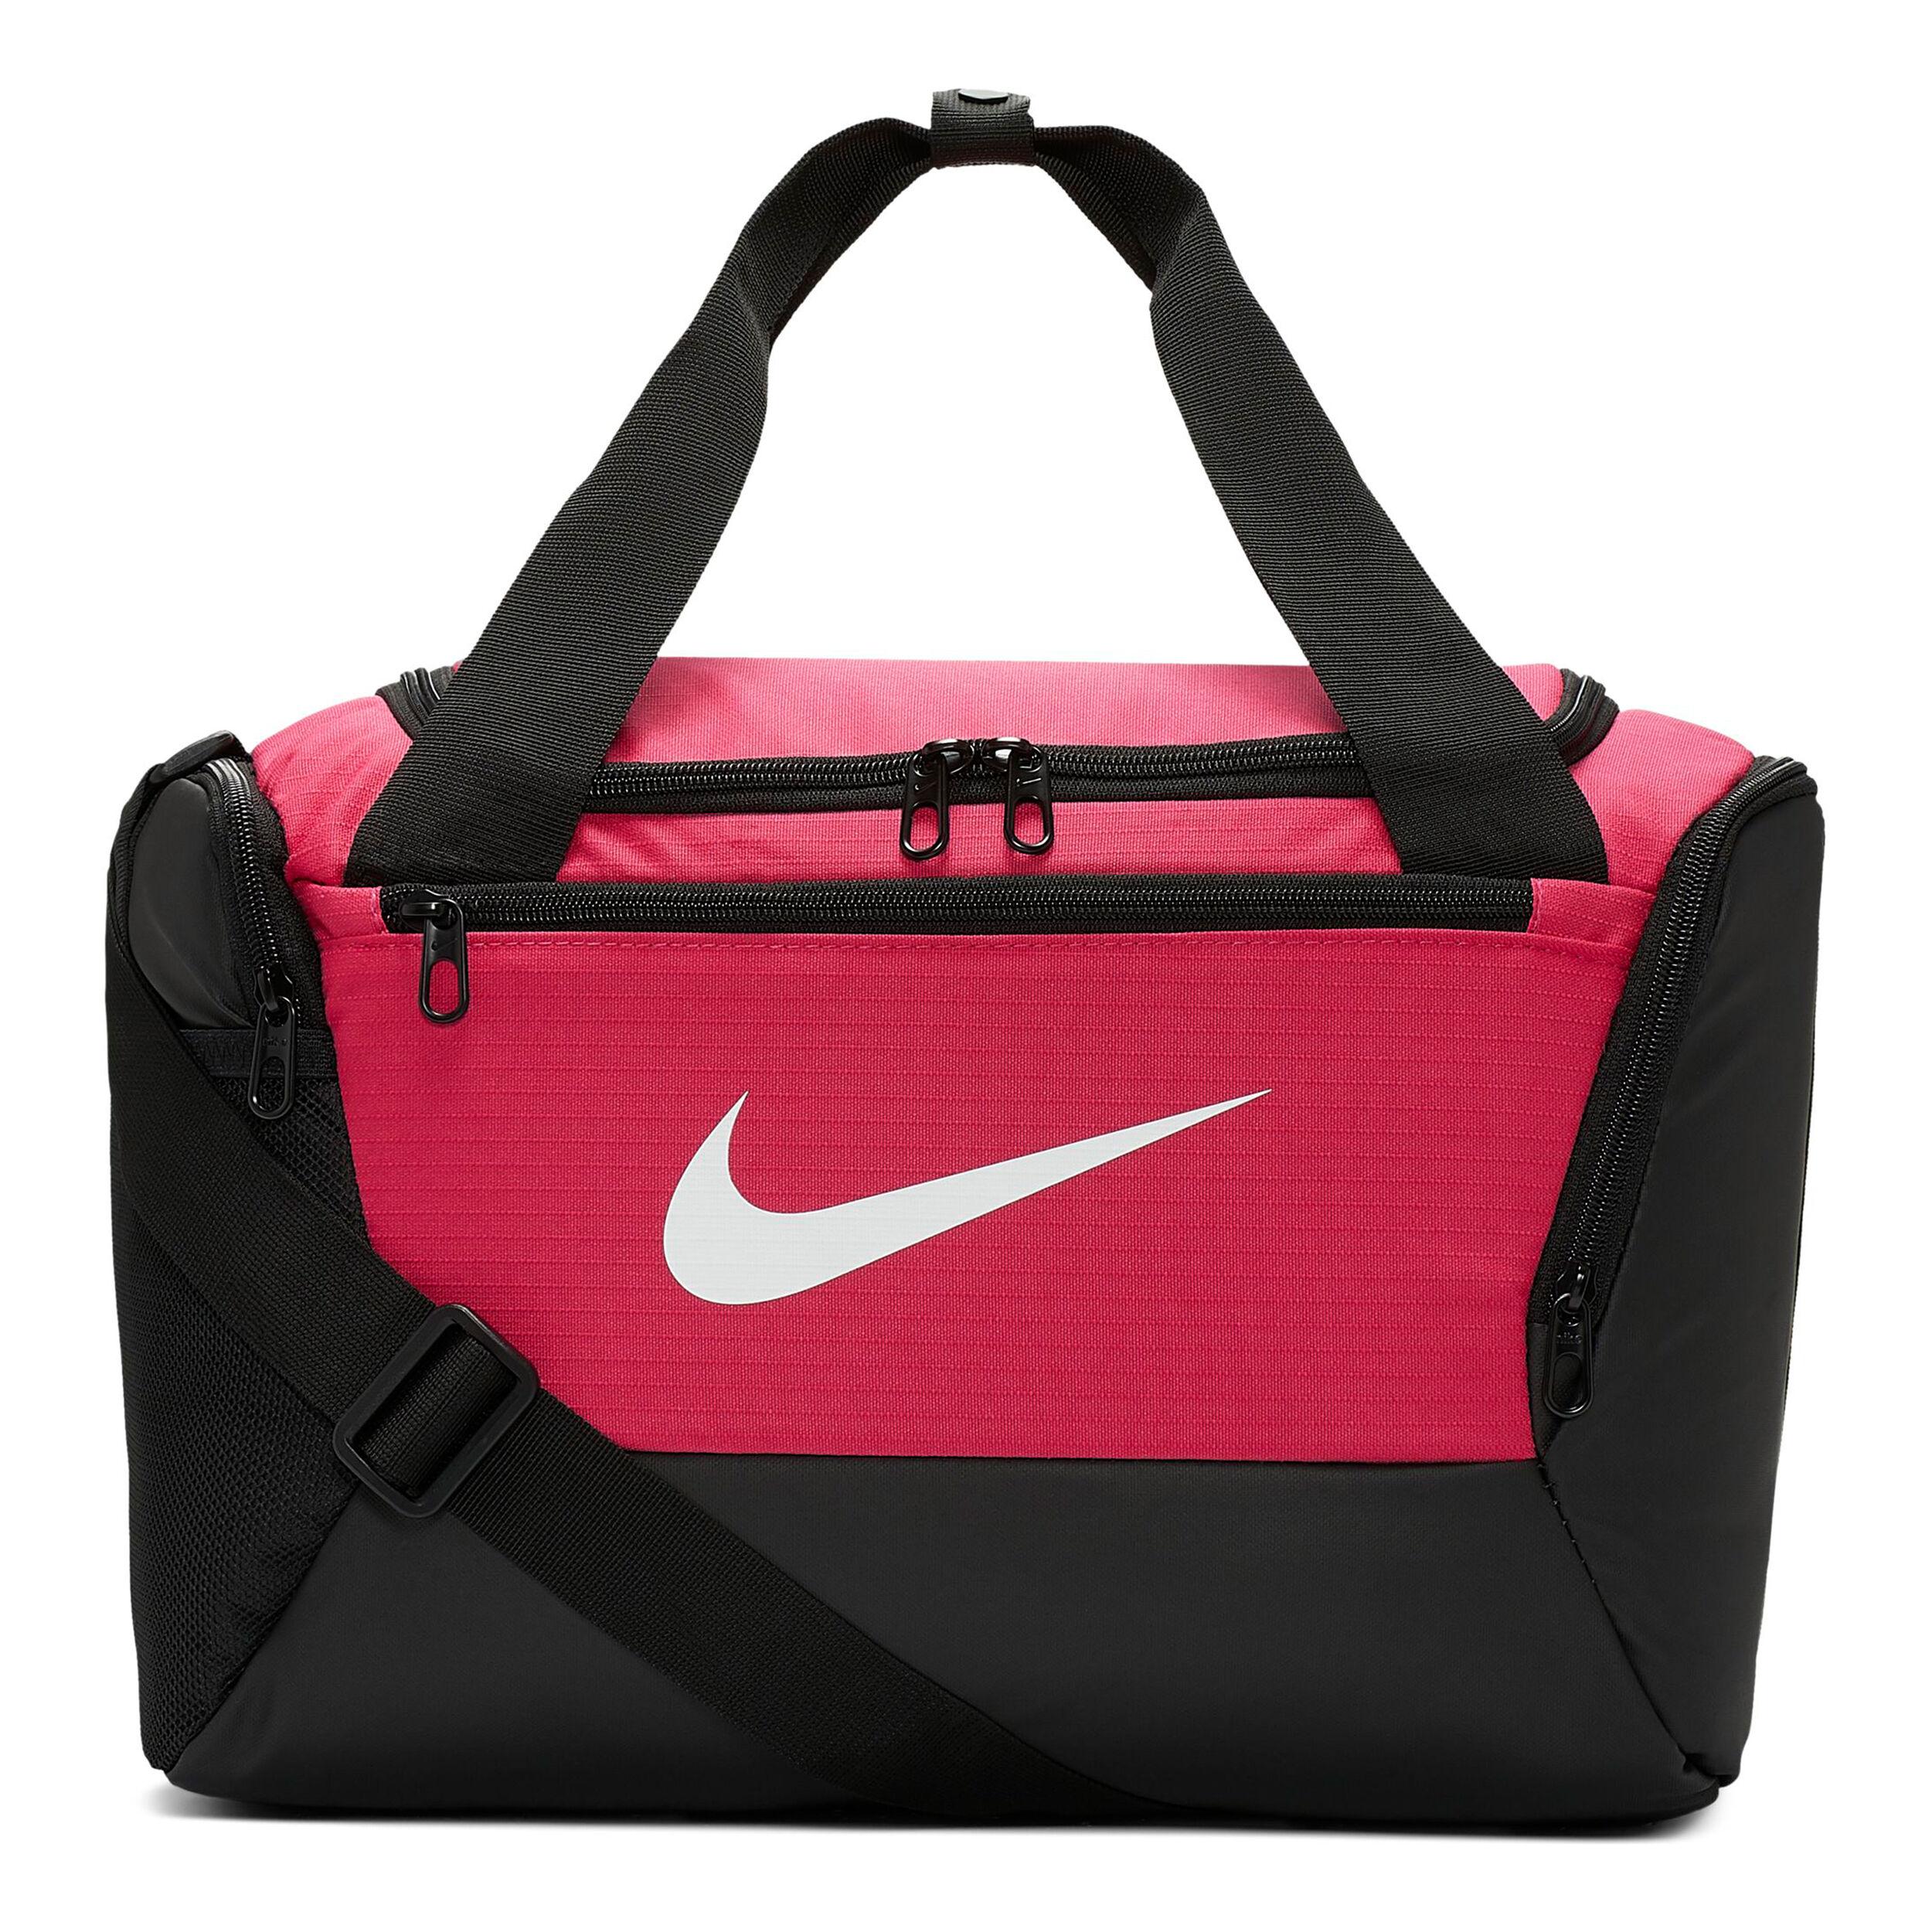 Shoppa Nike Brasilia Väska (Extra Small) i en Svart färg